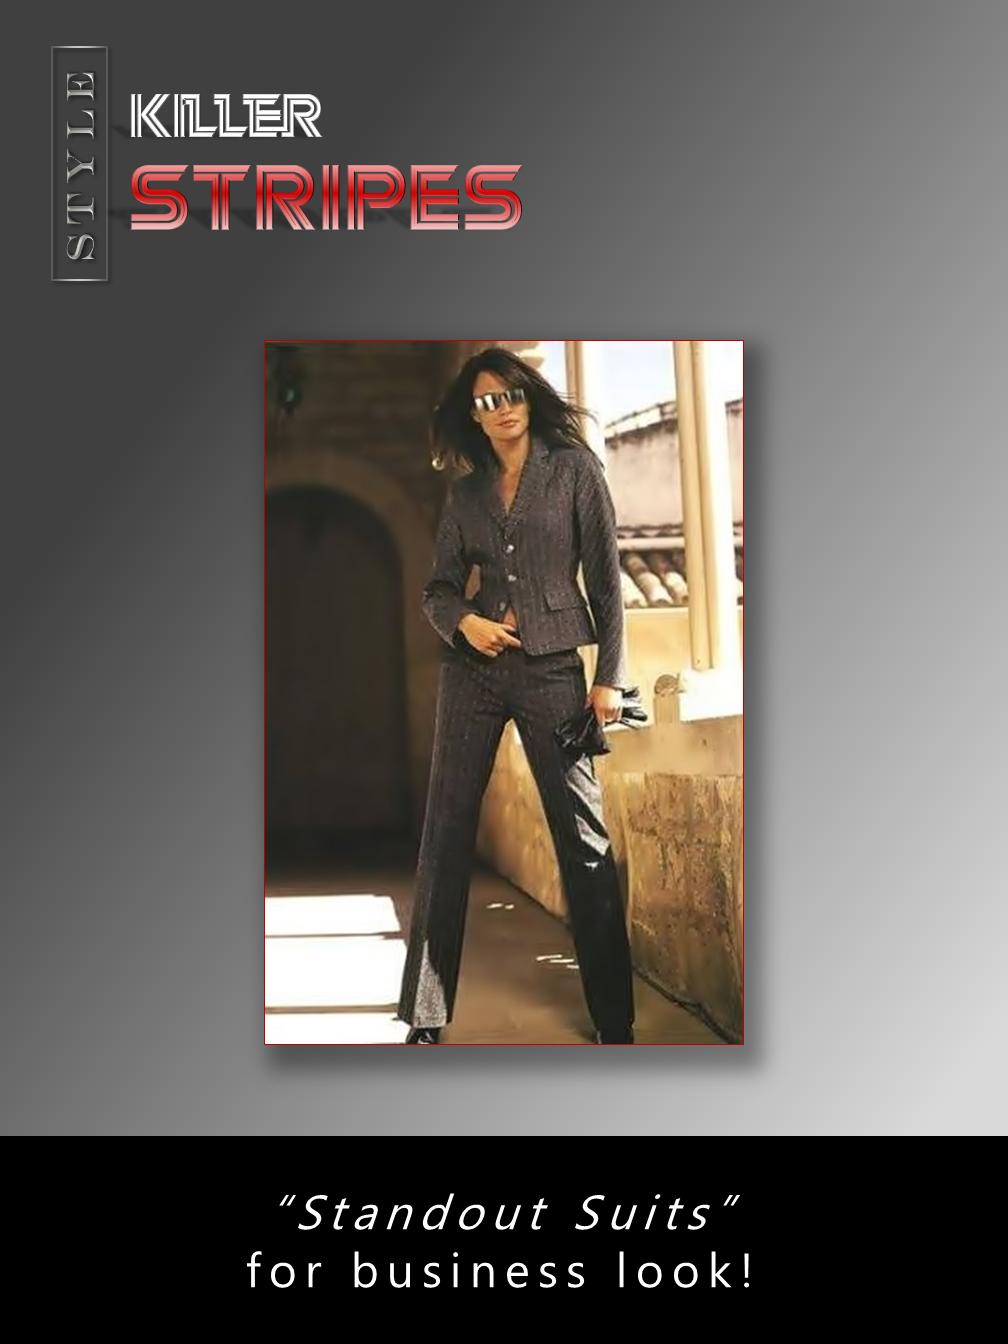 Killer Stripes